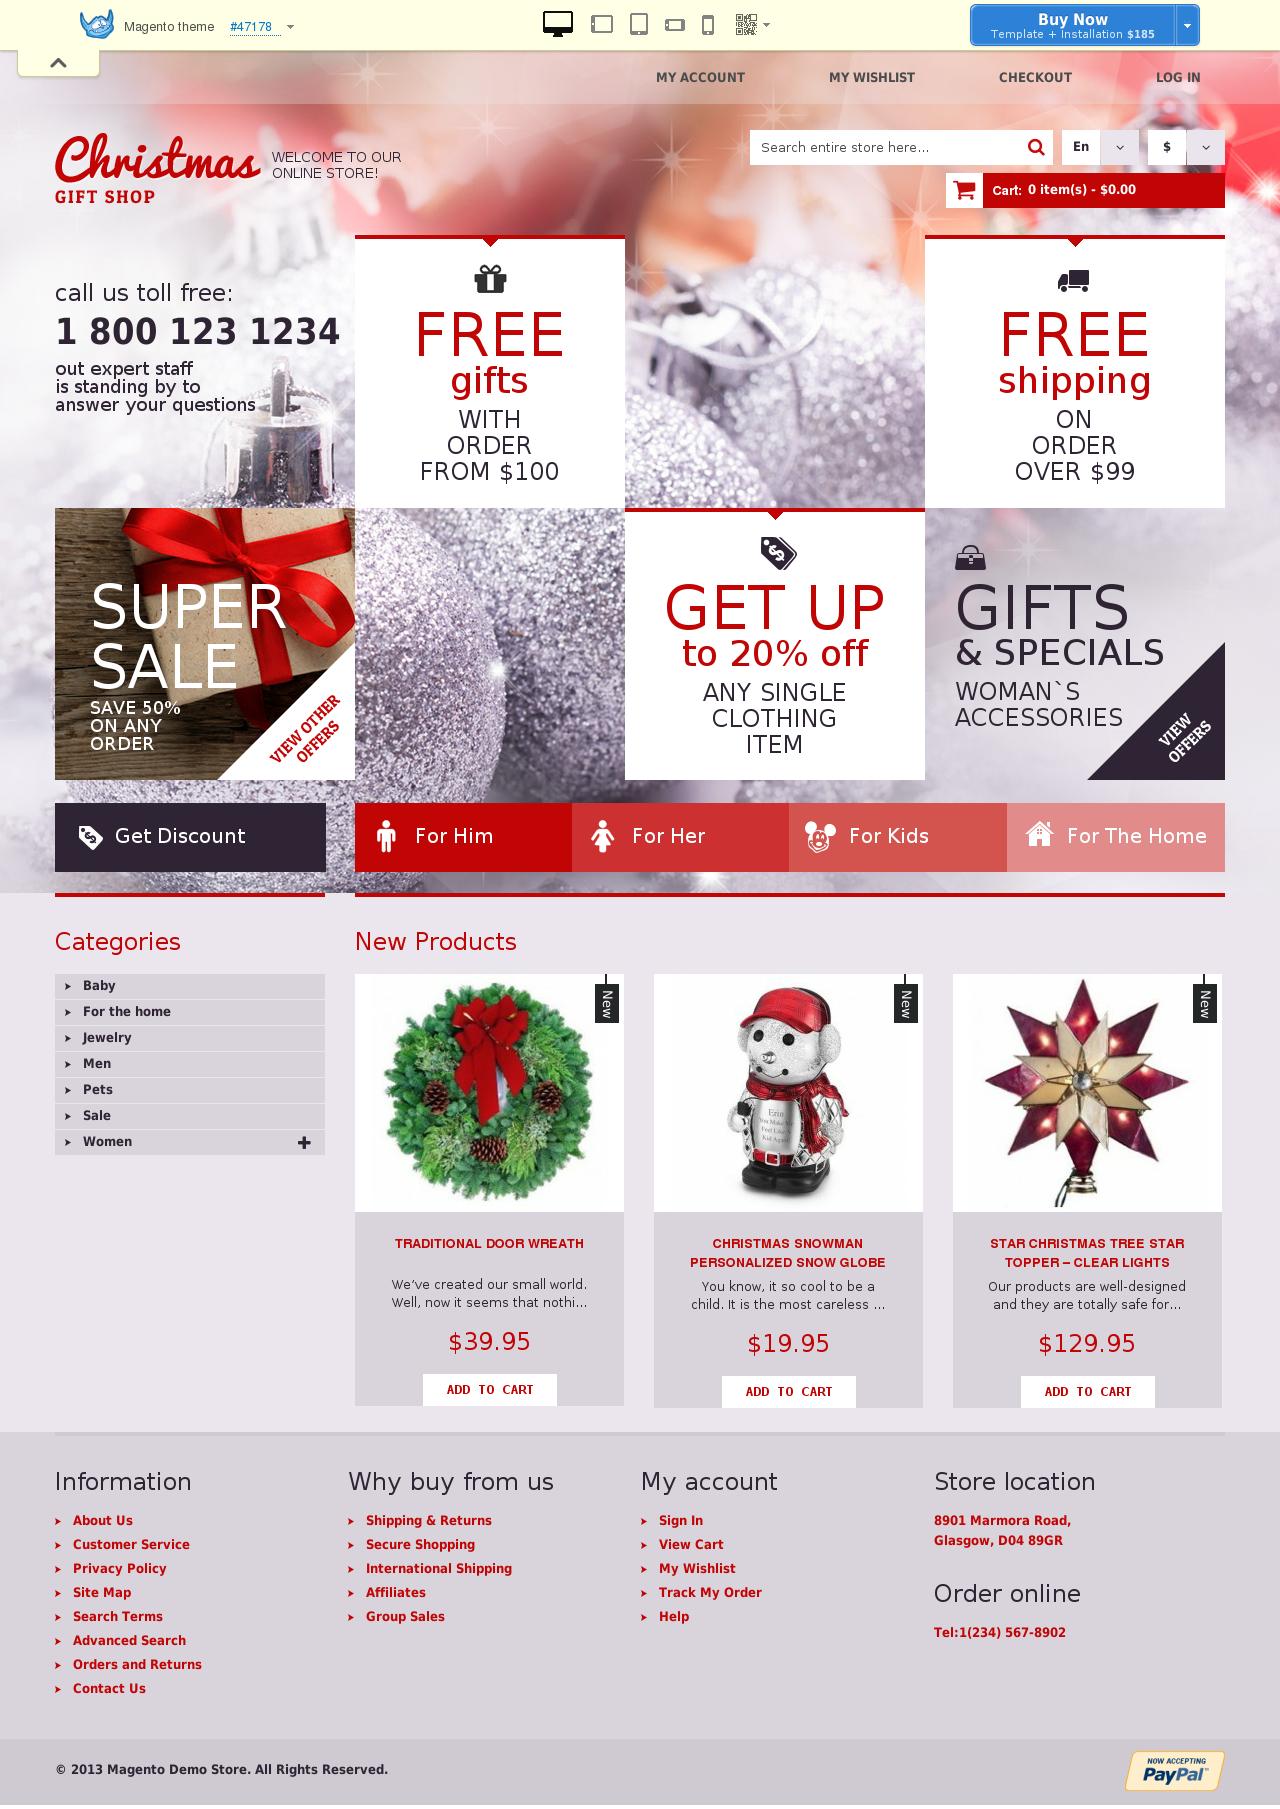 Christmas Gift Shop Magento Theme #47178